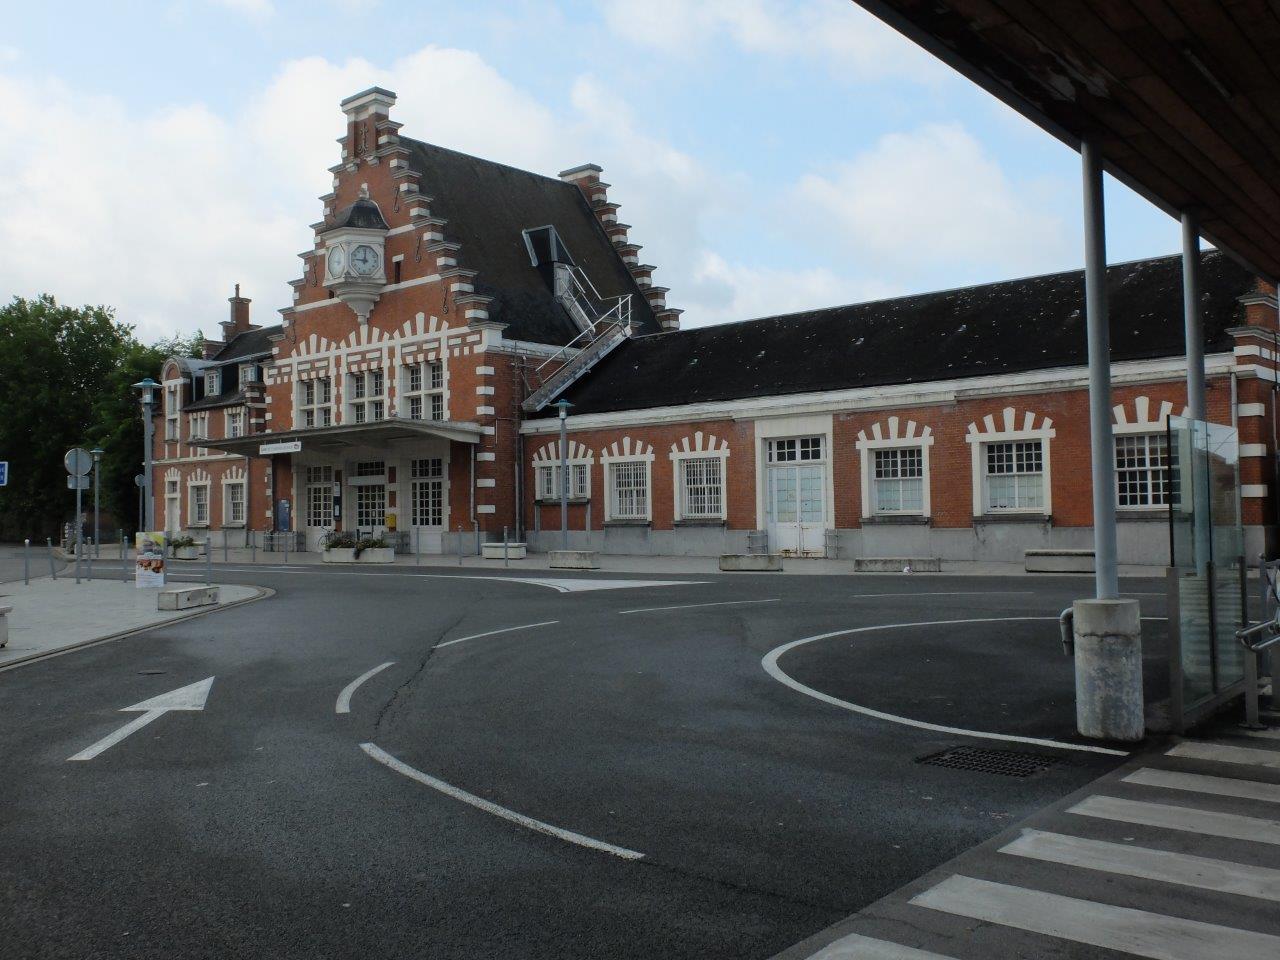 gare-de-saint-amand-les-eaux-train-station